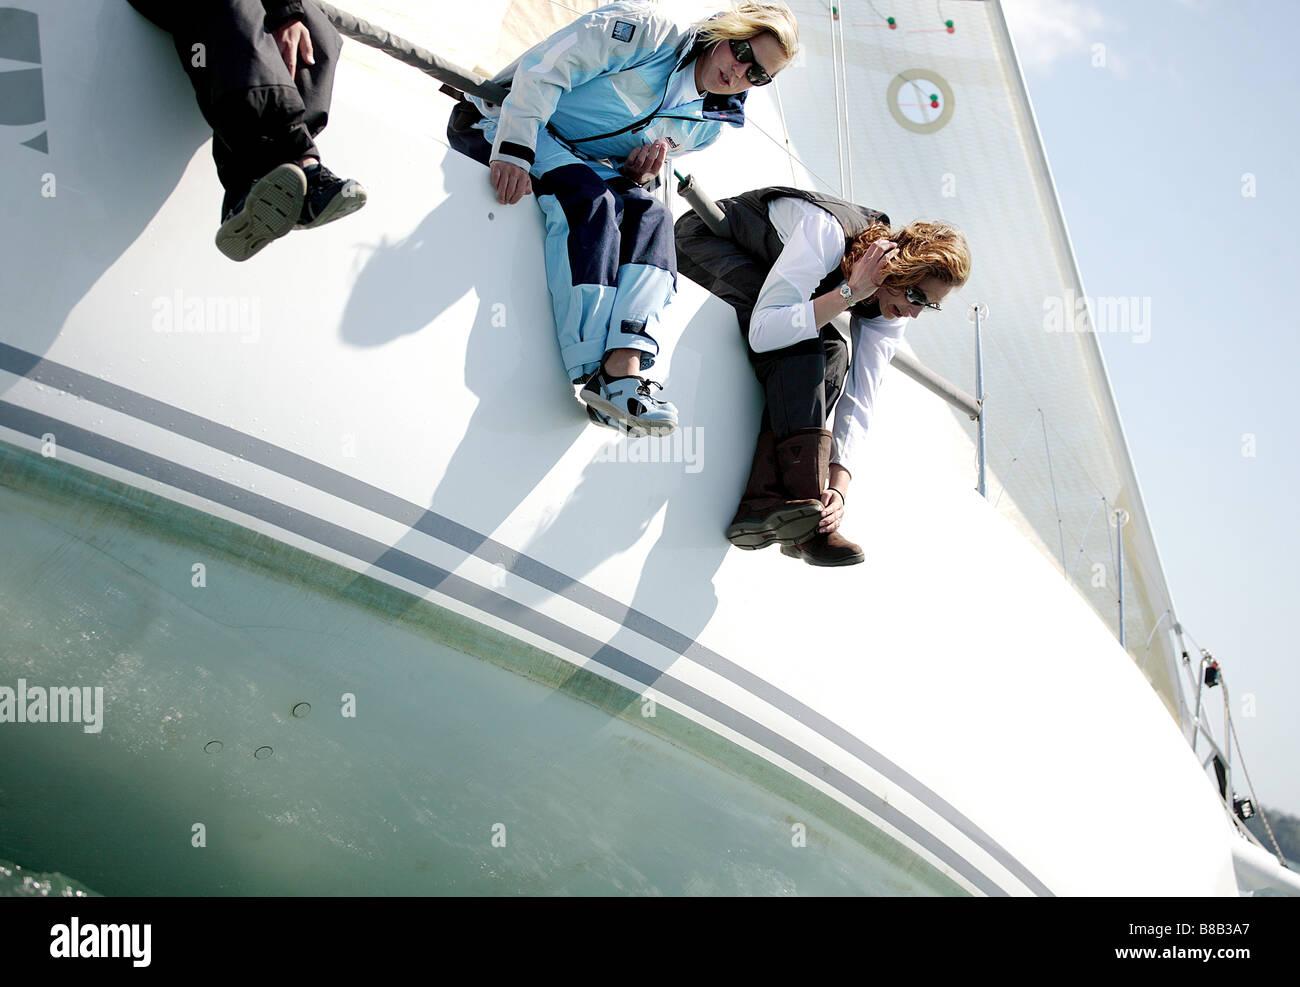 3 adultos, 2 mujeres y 1 hombre inclinado sobre la banda de estribor de un velero. La imagen en color en formato Imagen De Stock